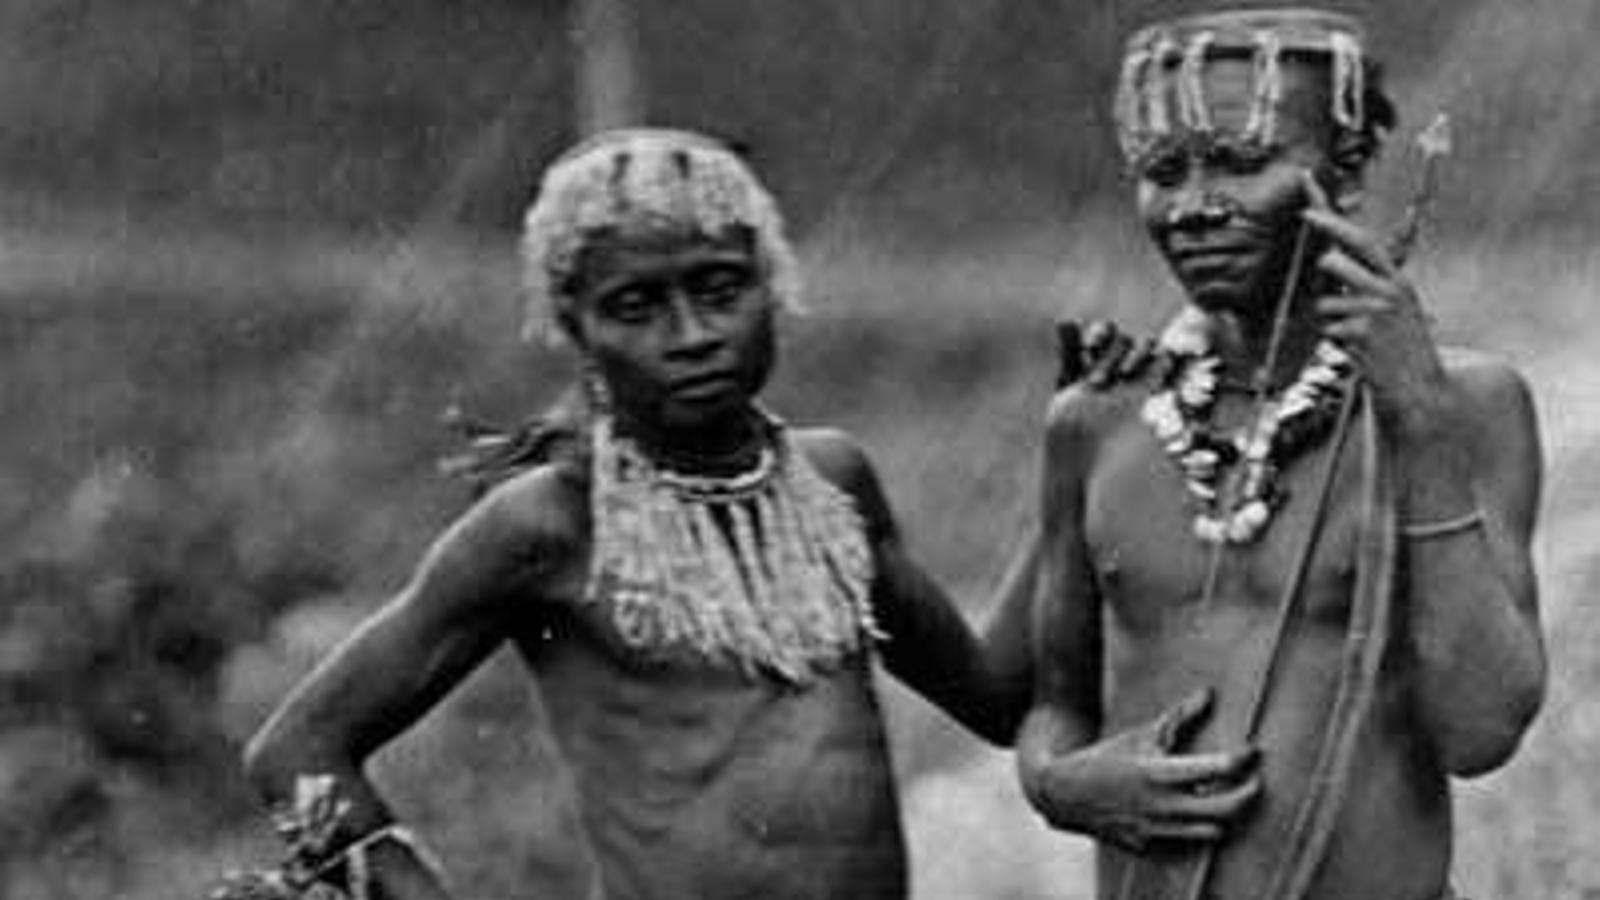 Els pigmeus de l'illa d'Andaman, a l'Oceà Índic, tenen gens d'un antic homínid que no s'havia descrit fins ara